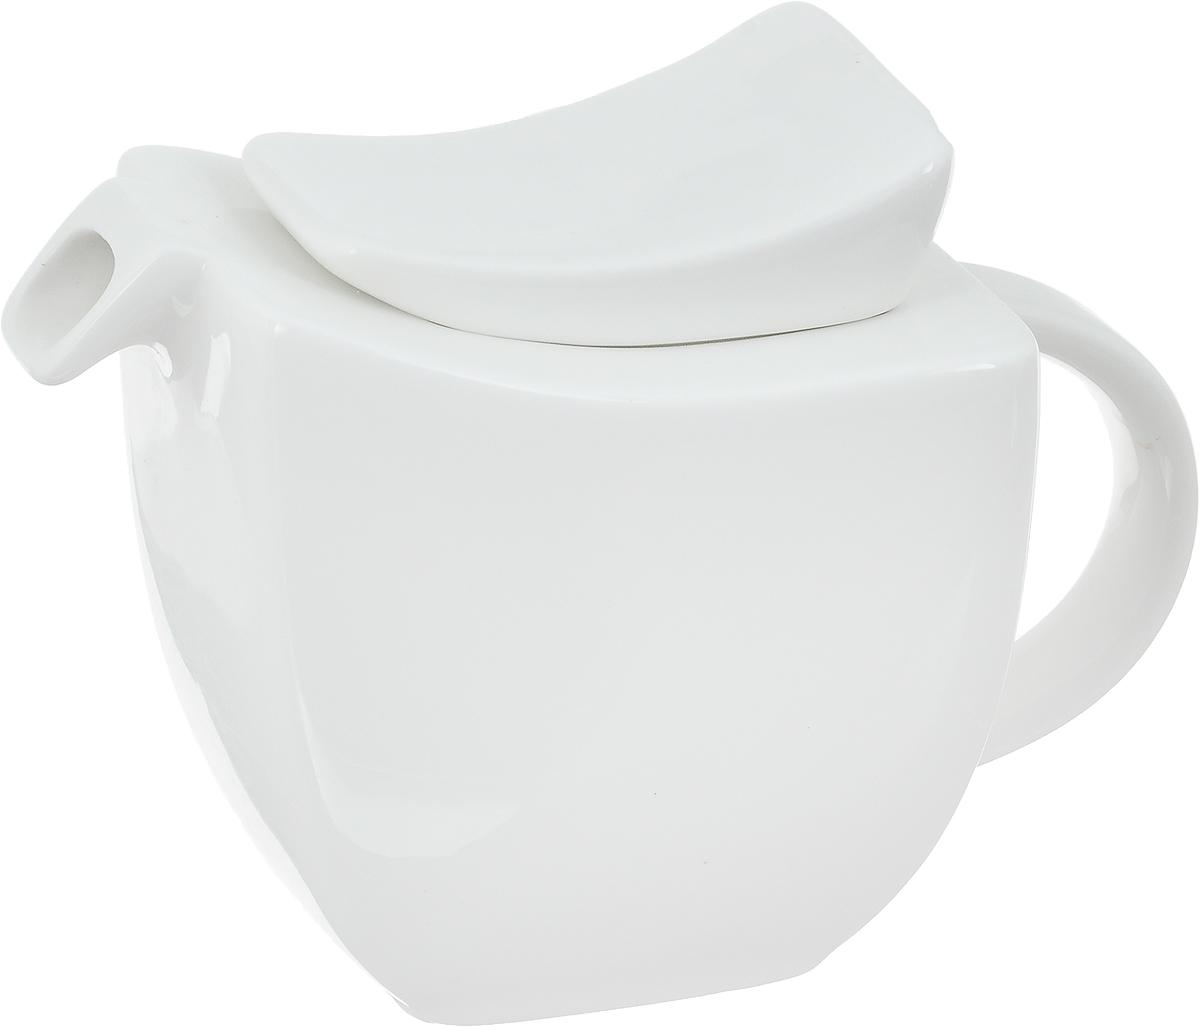 Чайник заварочный Ariane Rectangle, 400 млAVRARN62040Заварочный чайник Ariane Rectangle изготовлен из высококачественного фарфора. Глазурованное покрытие обеспечивает легкую очистку. Изделие прекрасно подходит для заваривания вкусного и ароматного чая, а также травяных настоев. Оригинальный дизайн сделает чайник настоящим украшением стола. Он удобен в использовании и понравится каждому. Можно мыть в посудомоечной машине и использовать в микроволновой печи. Размер чайника (по верхнему краю): 8,5 х 10,5 см. Высота чайника (без учета крышки): 9 см. Высота чайника (с учетом крышки): 12 см.